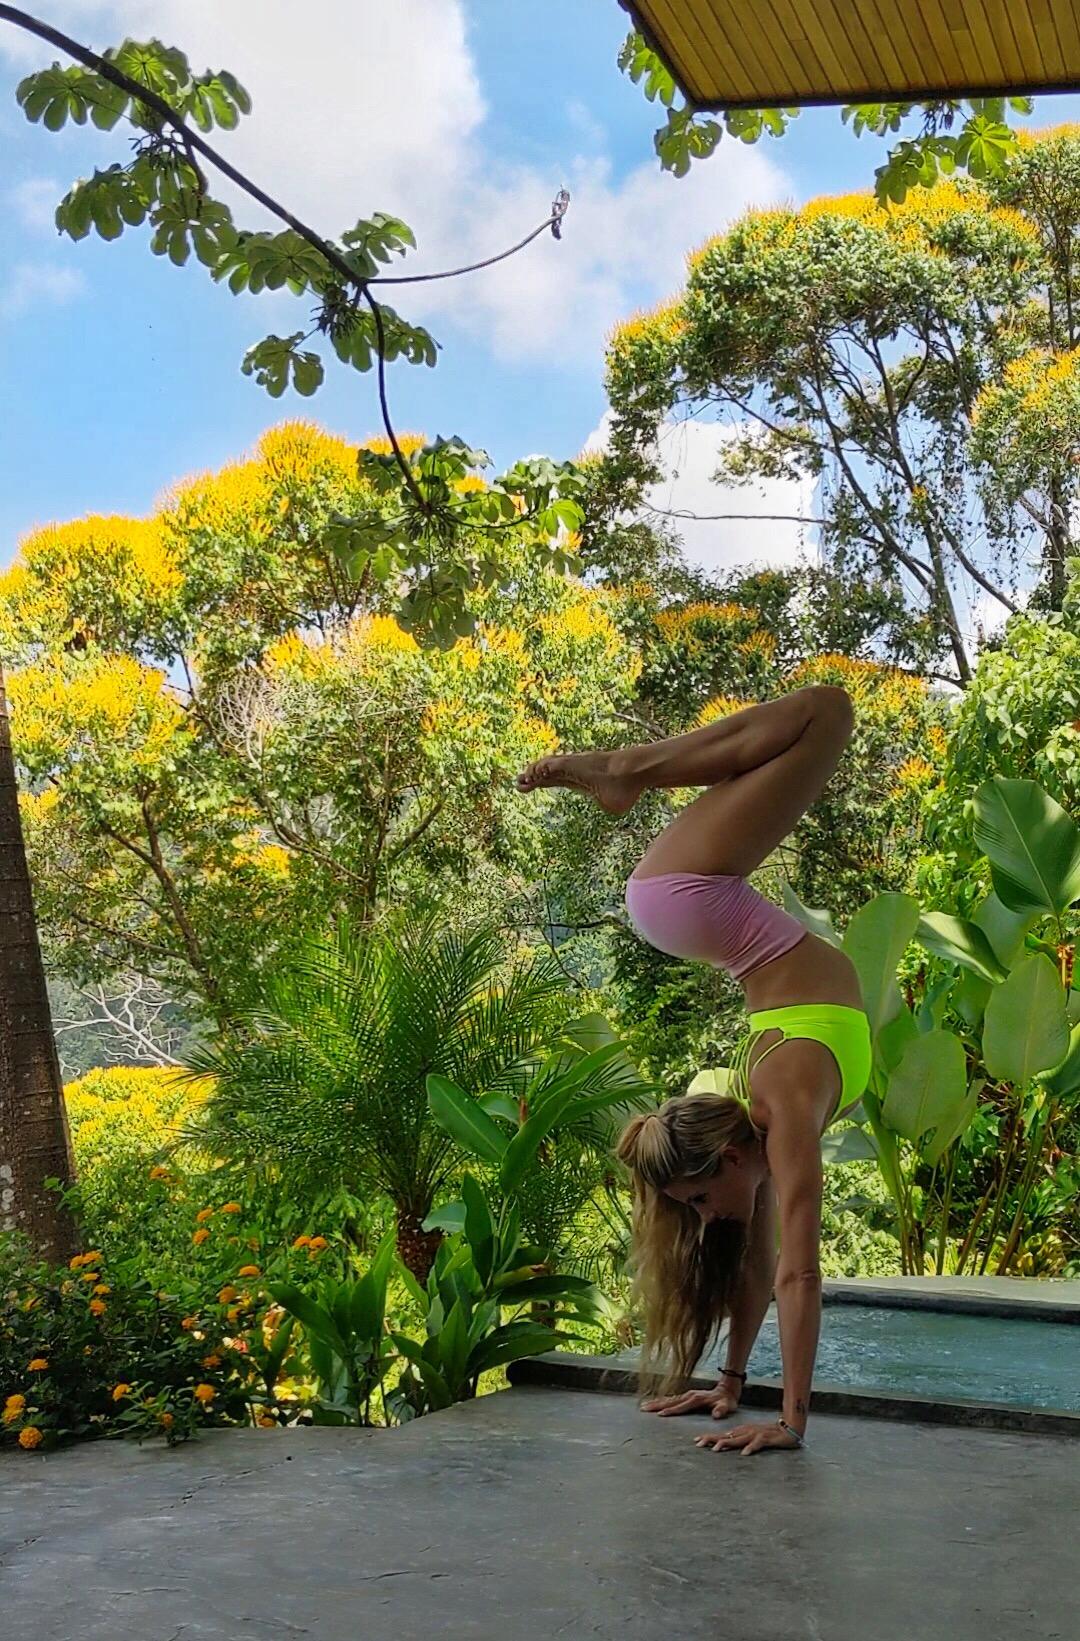 Yoga Pose Costa Rica: Vista Celestial